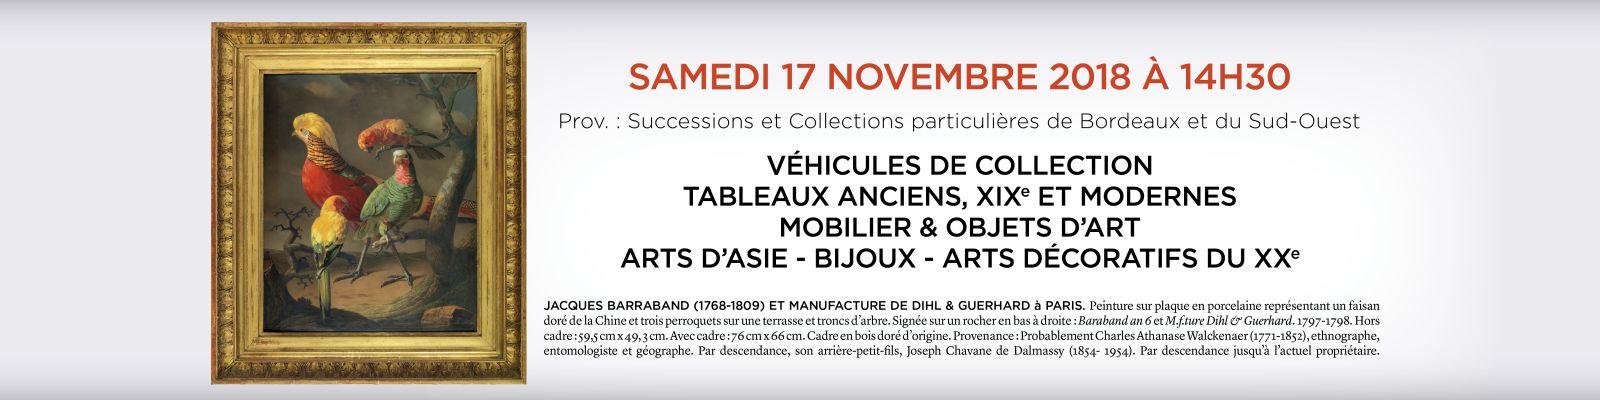 Vente aux enchères Bordeaux 17 novembre 2018